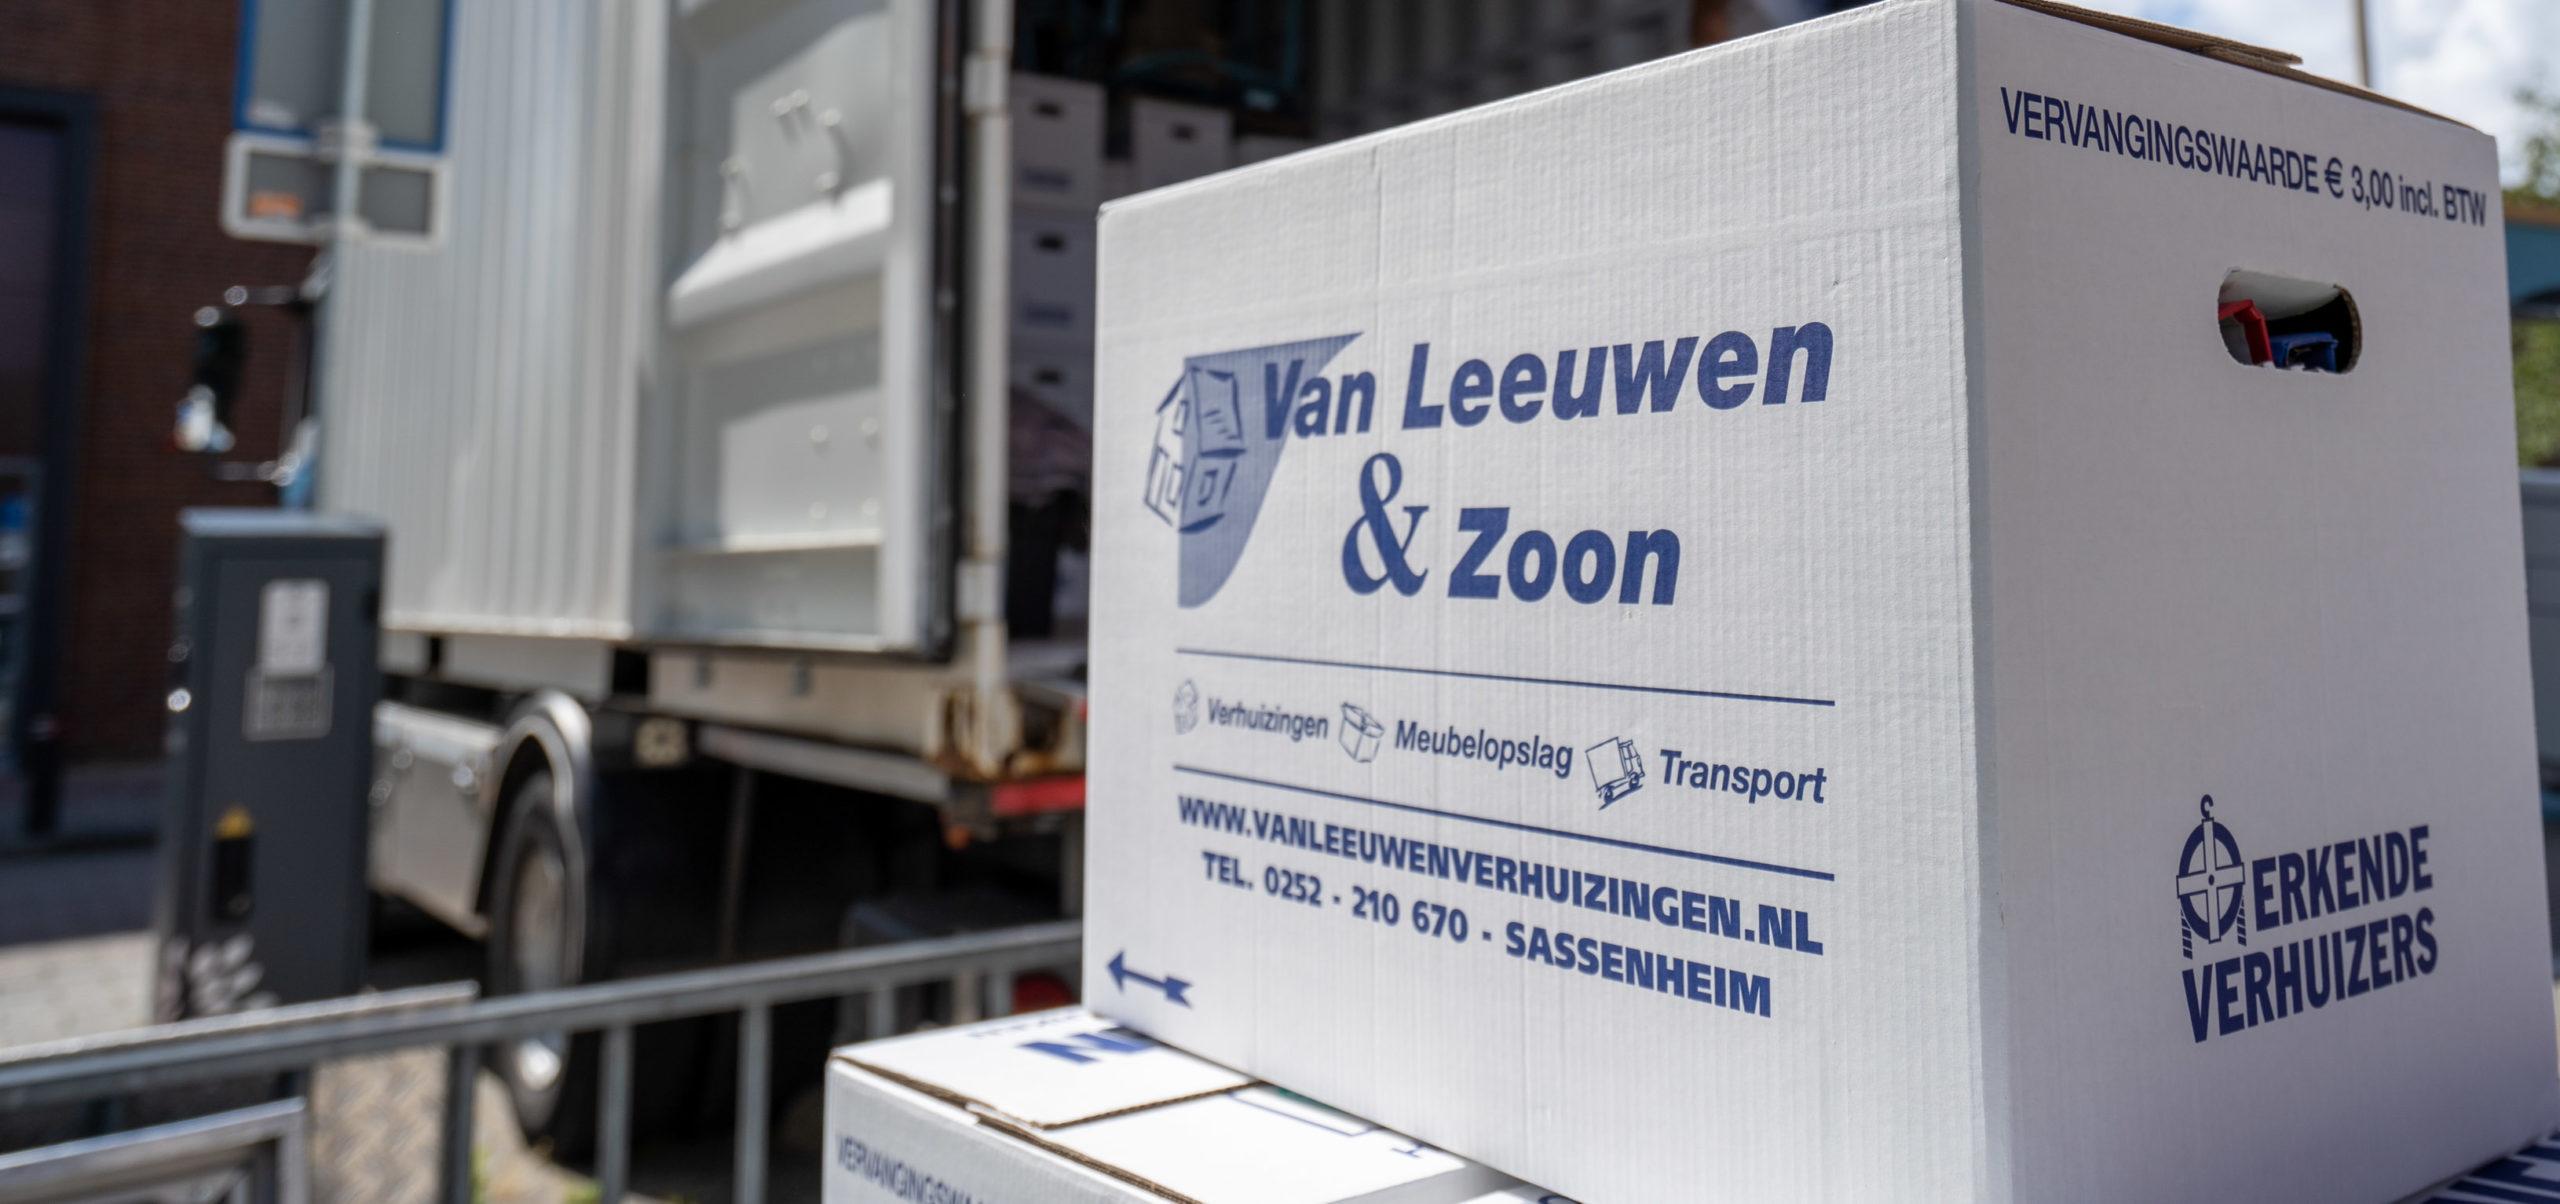 Particuliere verhuizing Van Leeuwen